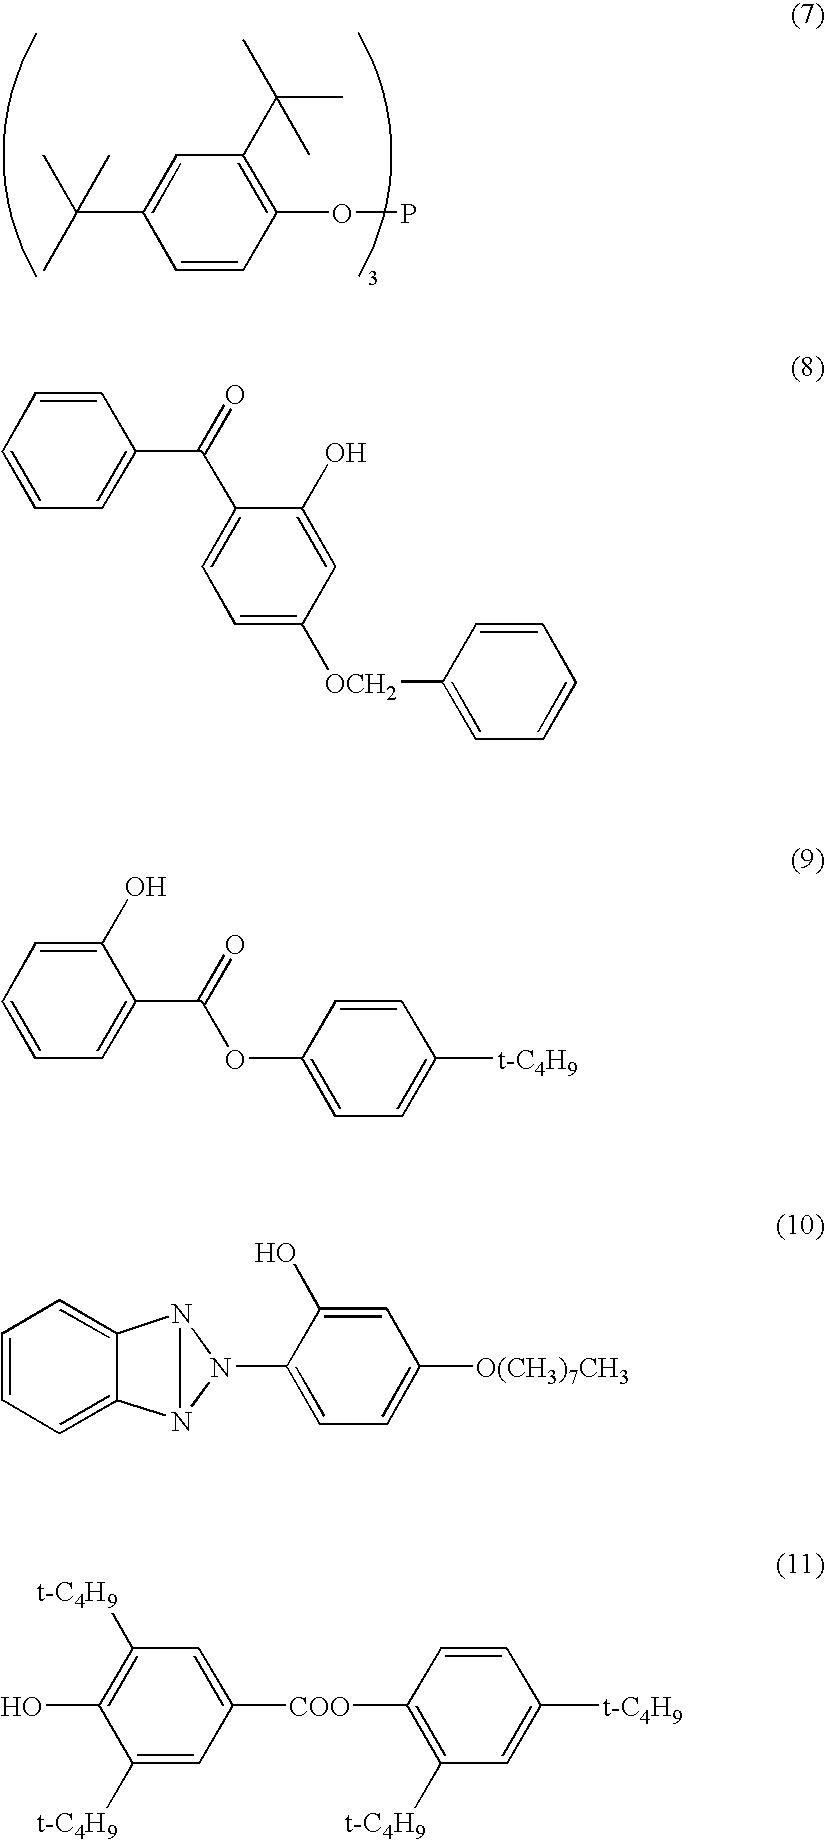 Figure US07297365-20071120-C00029